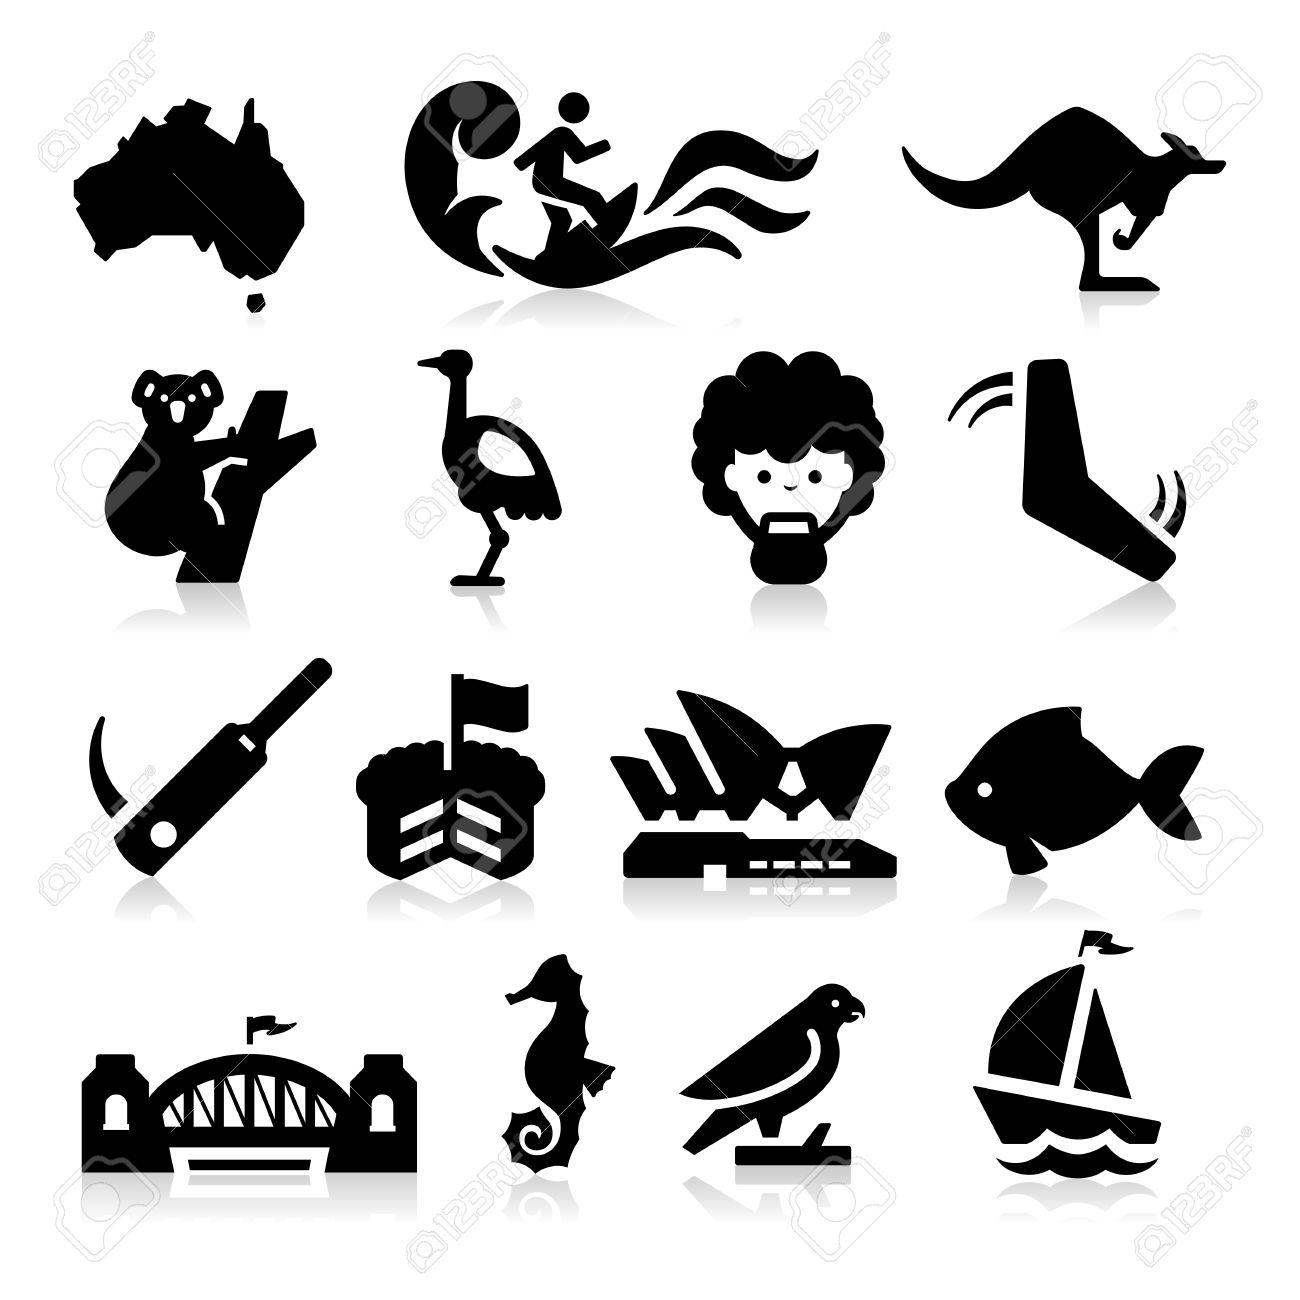 Australia Icons - 25435238